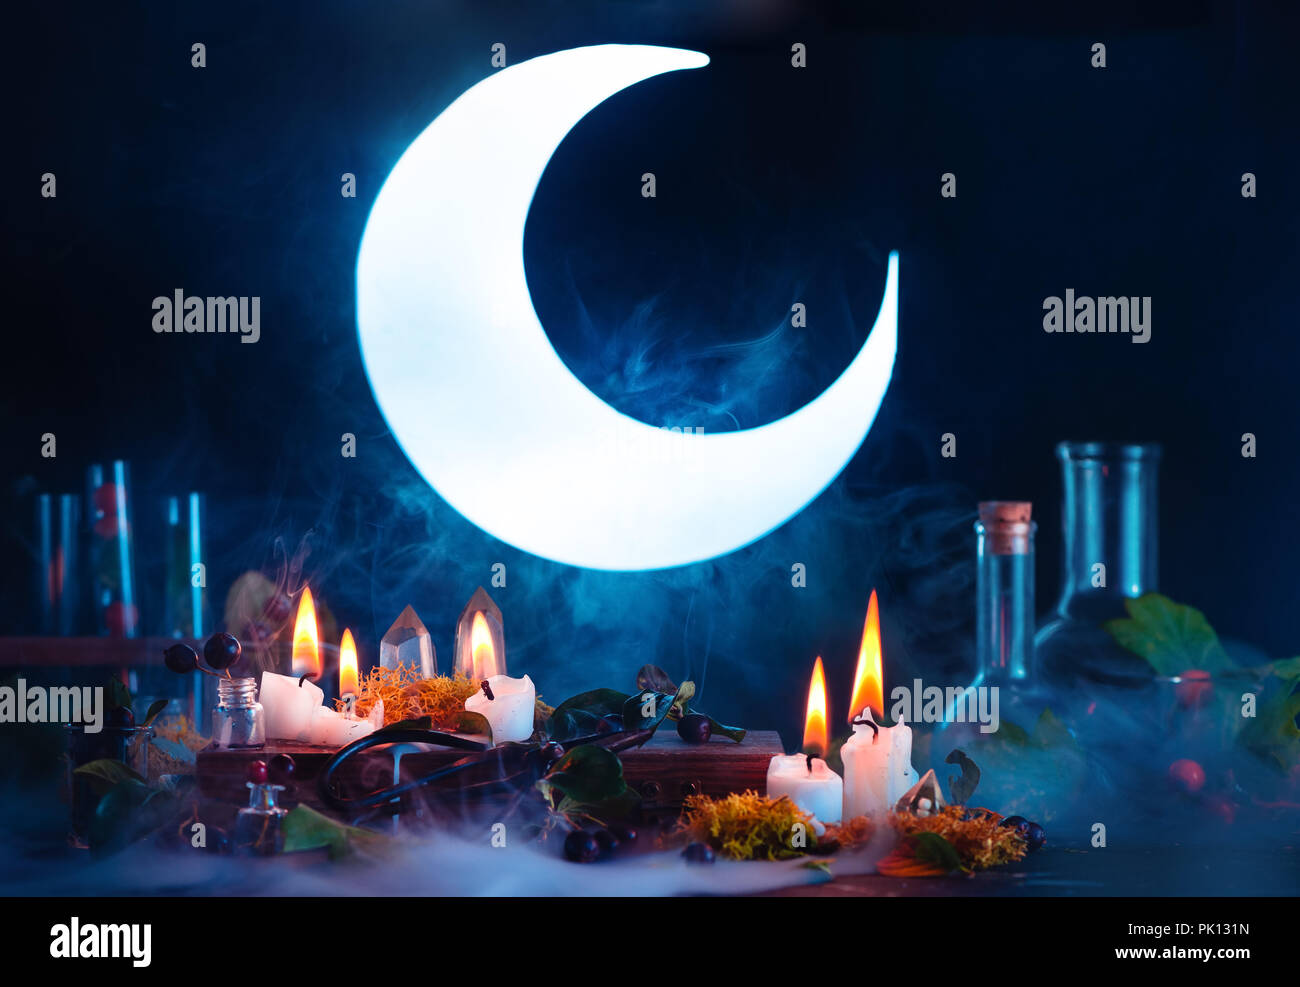 En-tête d'halloween avec la pleine lune brillante. Sorcière ou un milieu de travail de l'assistant avec des bougies allumées. Spooky still life concept sur un fond sombre avec des savs copie Photo Stock